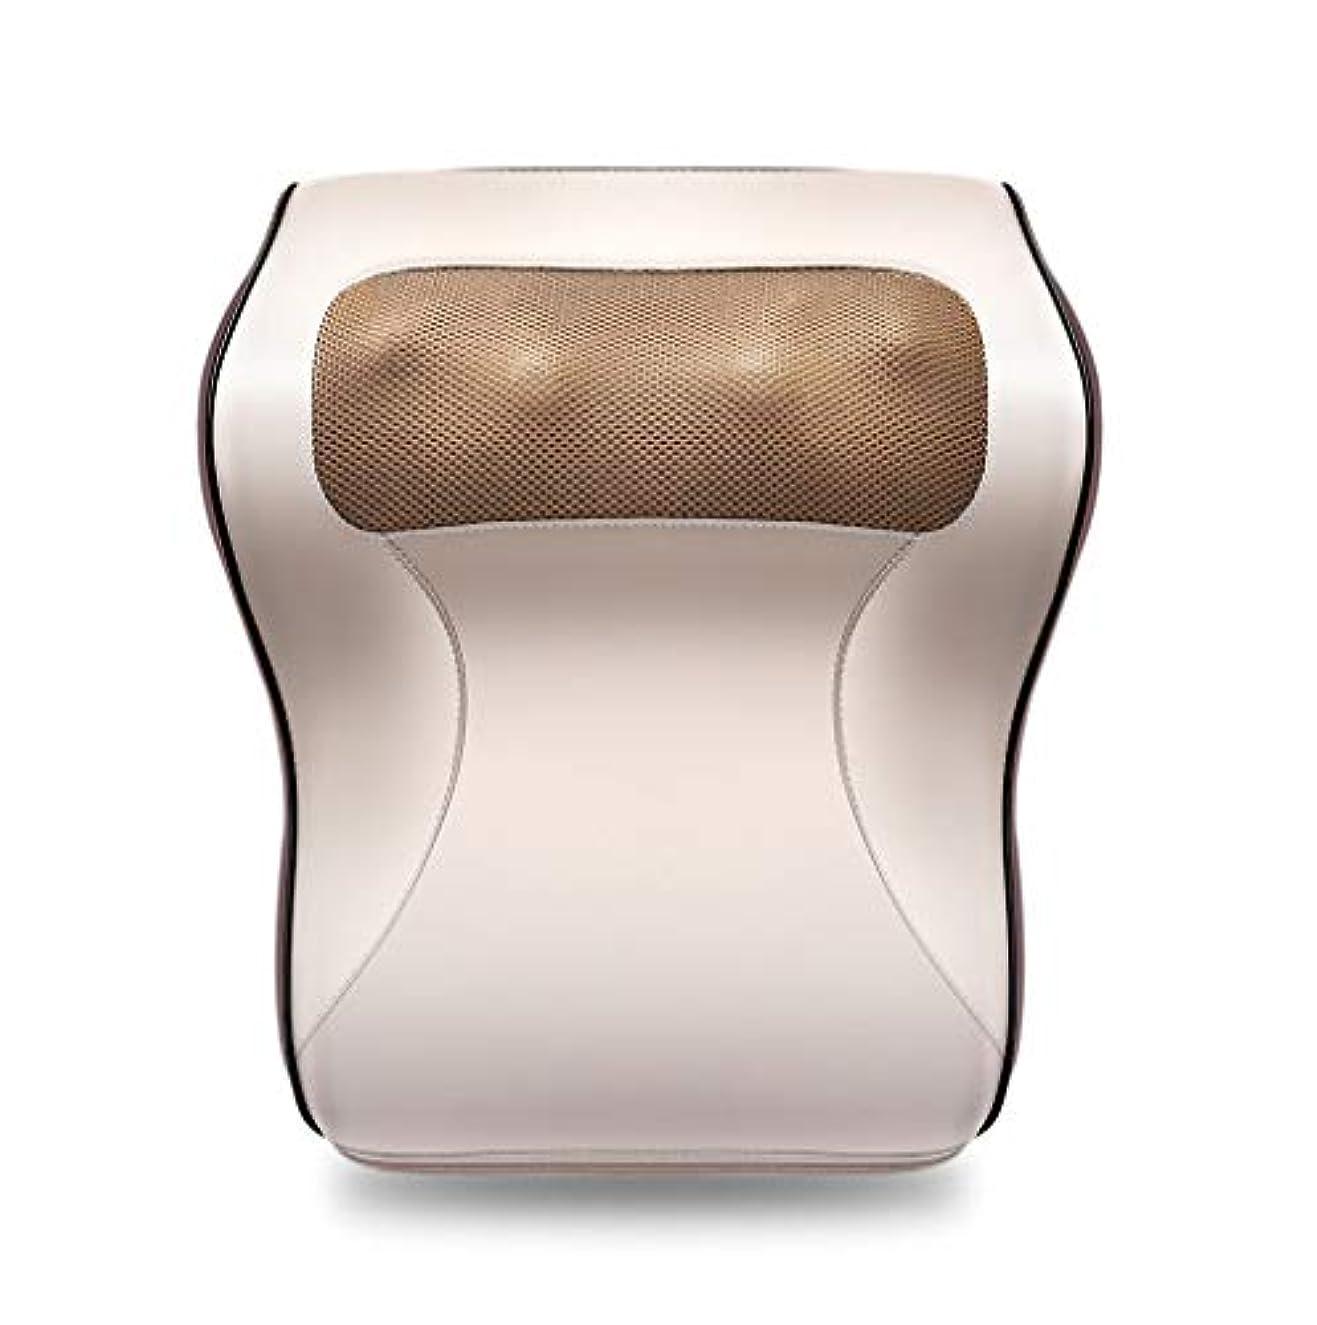 変形するましいベアリングサークル多機能マッサージャー、車/ホームネックショルダーウエストマッサージ枕、オフィスのポータブルマッサージ枕で体の疲れや痛みを和らげる